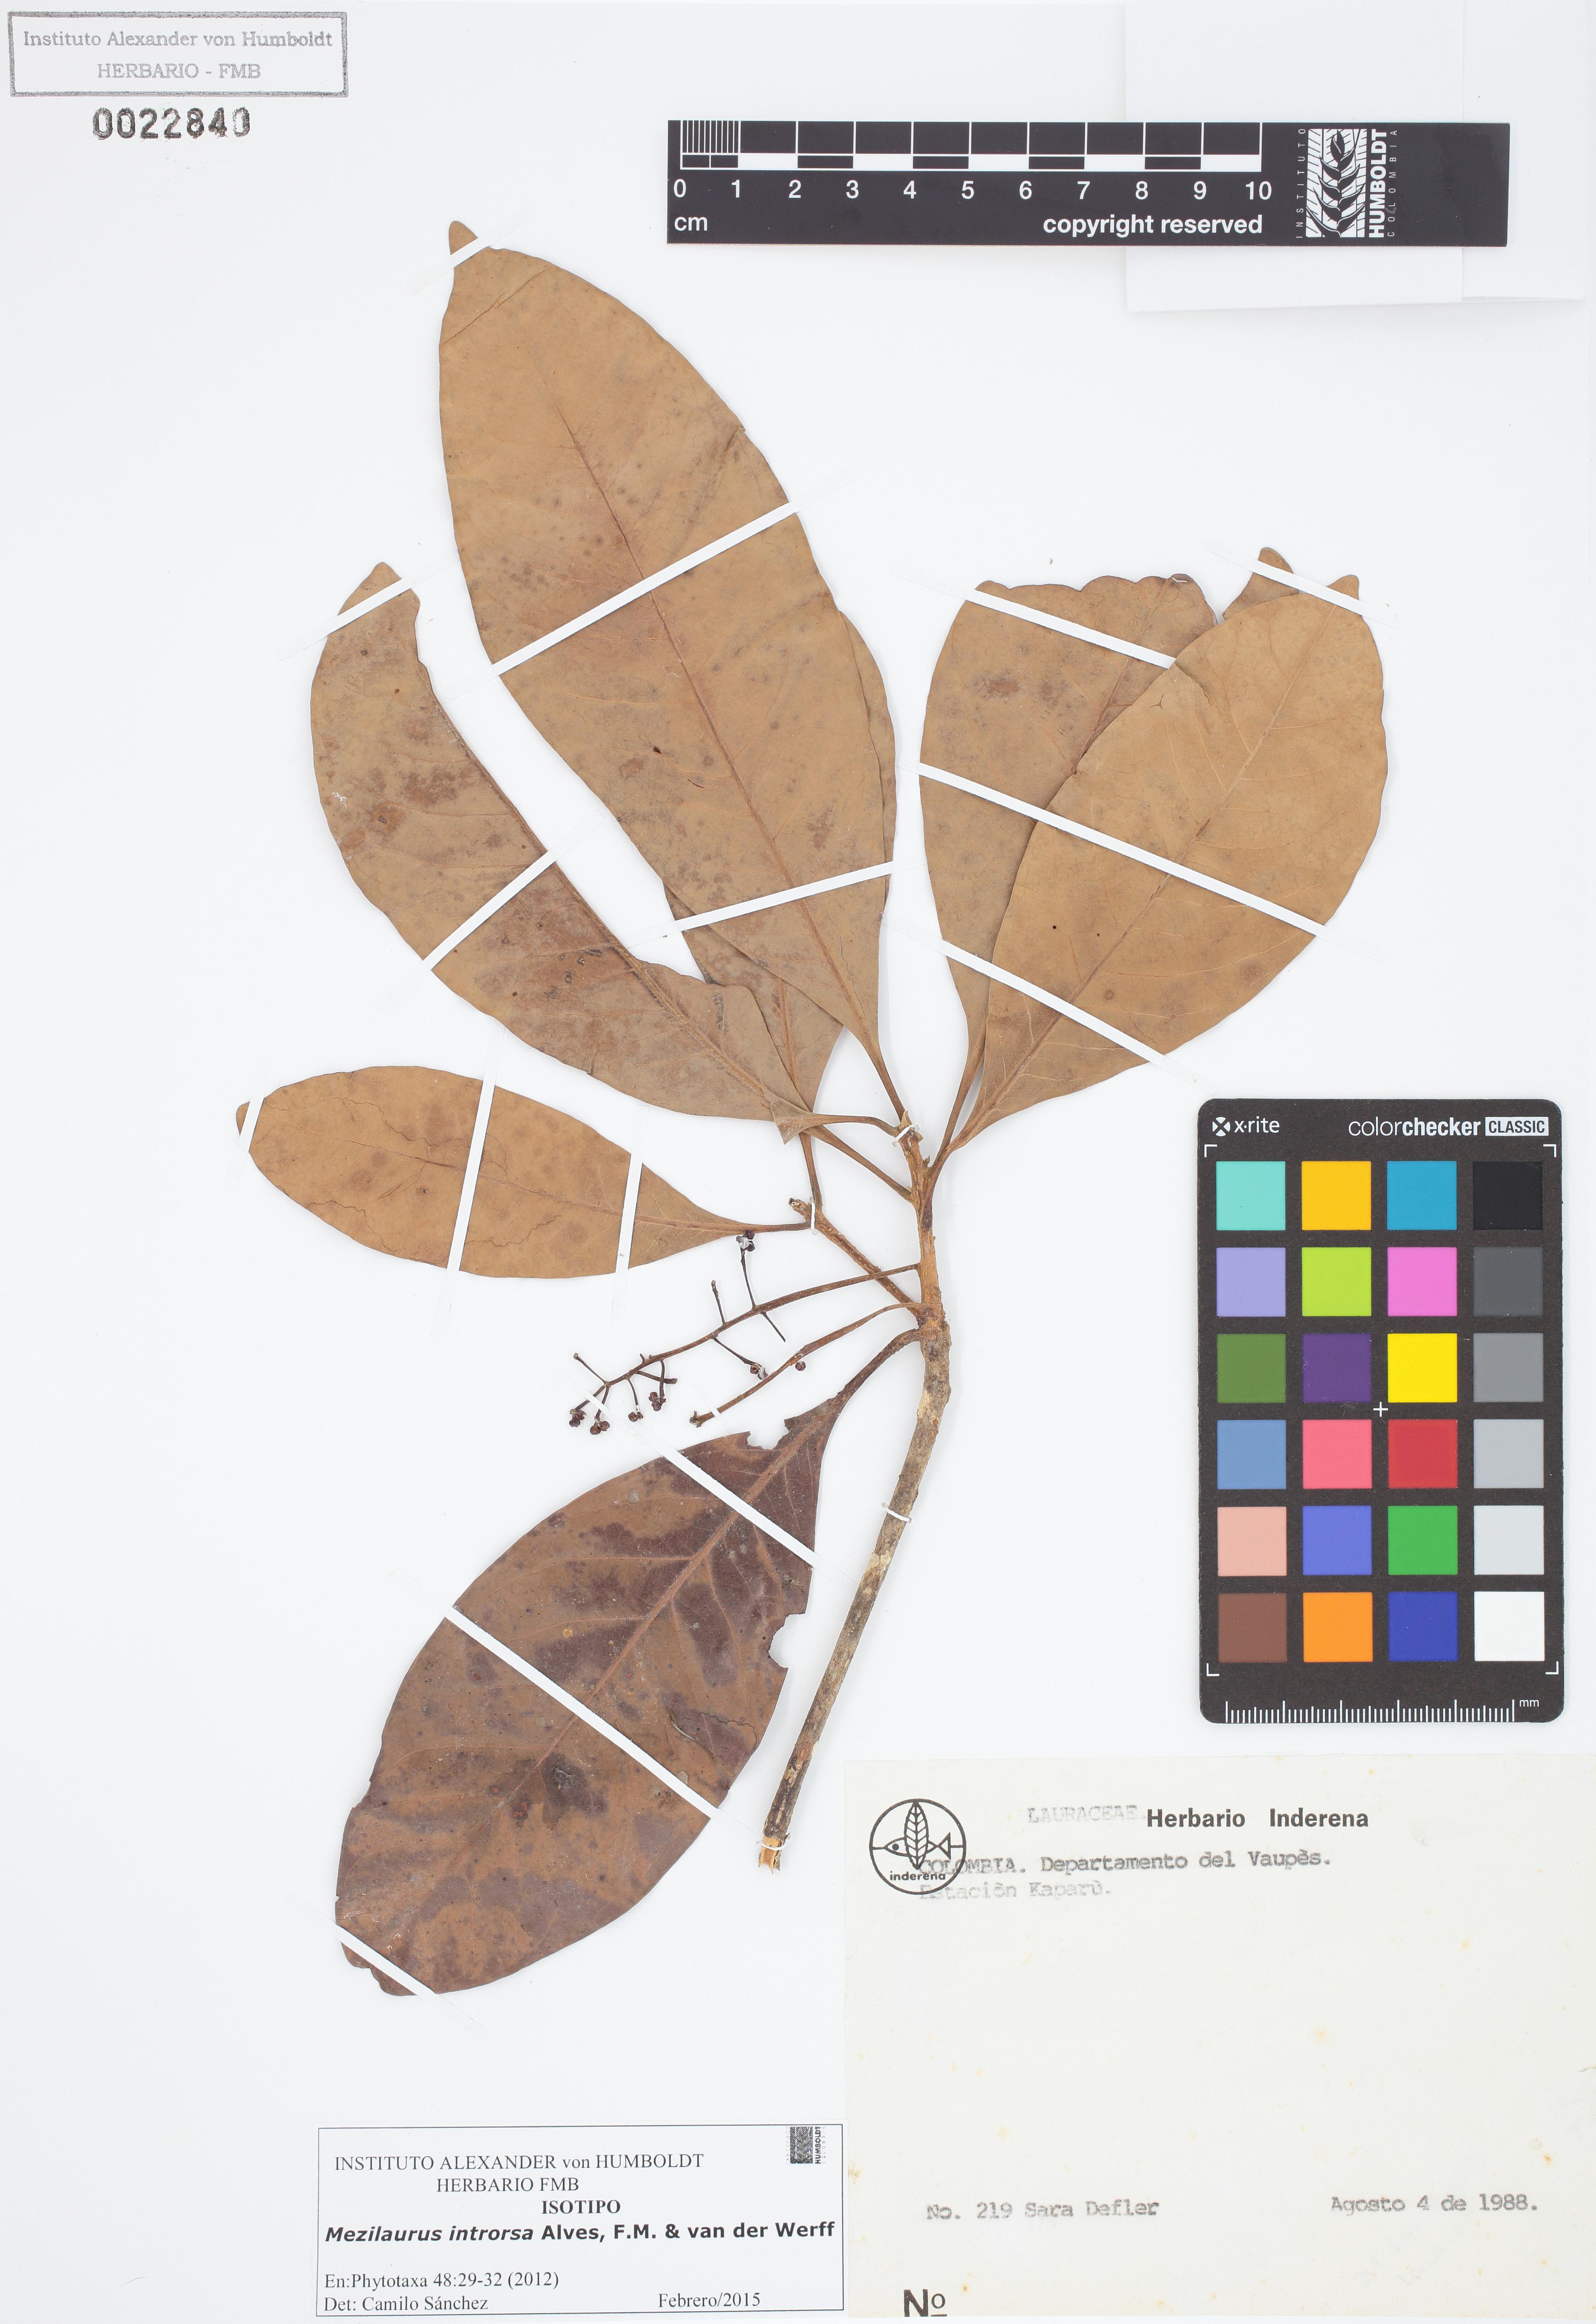 Isotipo de <em>Mezilaurus introrsa</em>, FMB-22840, Fotografía por Robles A.